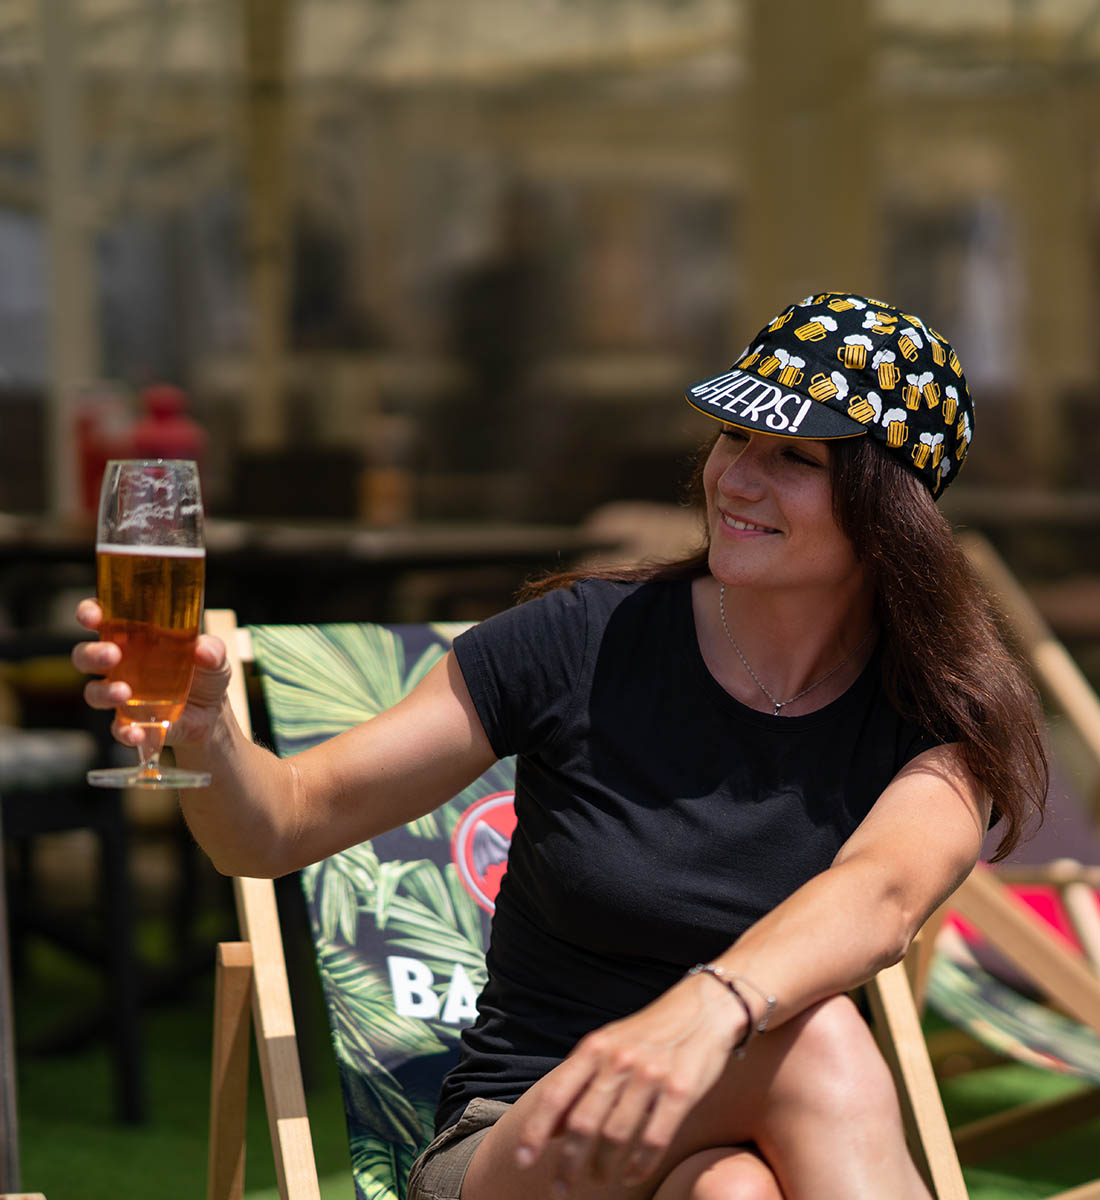 kobieta trzyma piwo bezalkoholowe i nosi piwną czapeczkę 'beer ride' z napisem 'cheers' od góry daszku